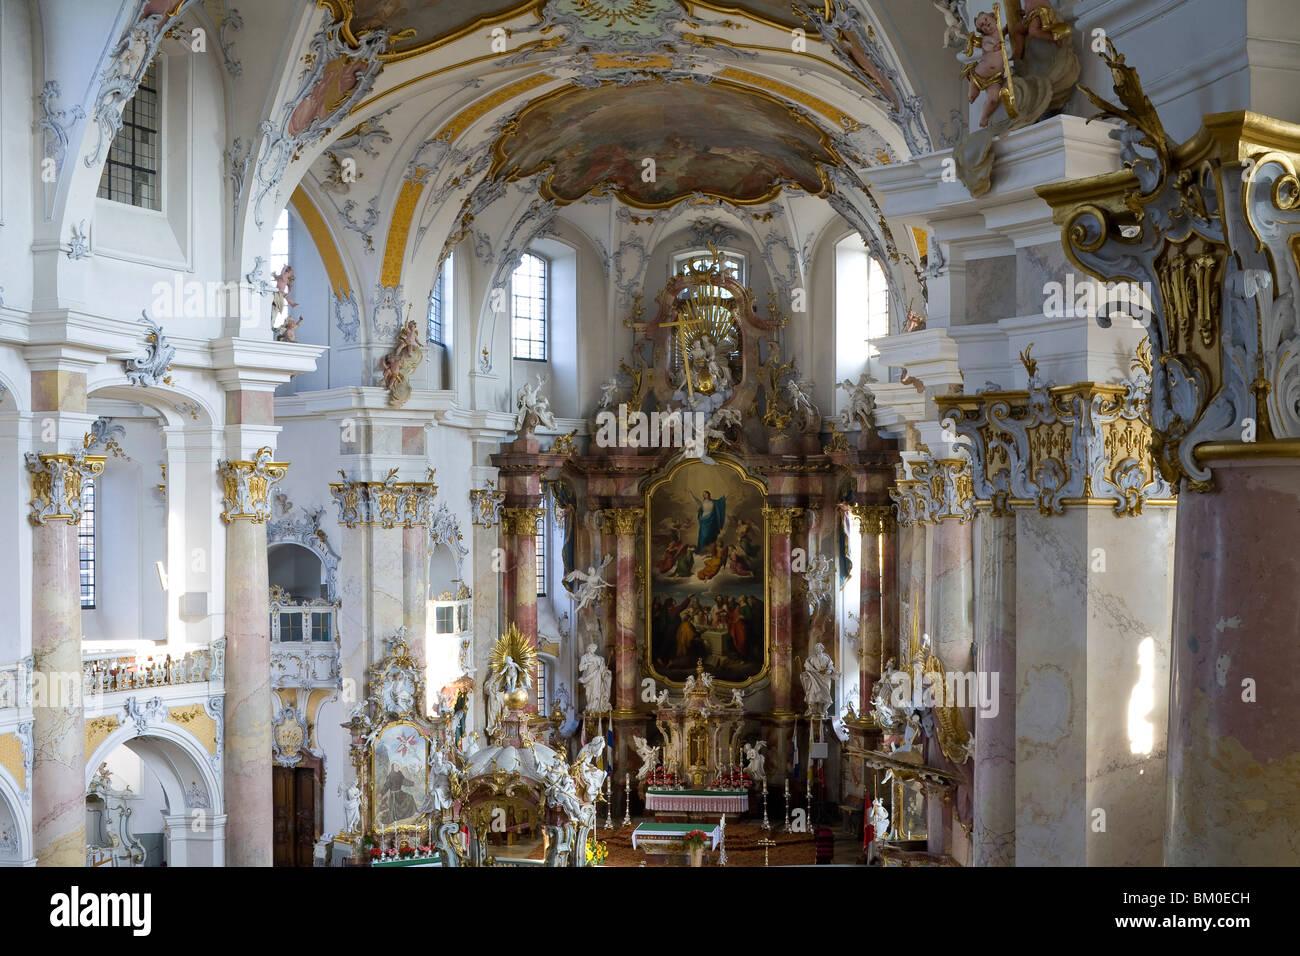 La iglesia de peregrinación de los catorce Santos, cerca de Bad Staffelstein Wallfahrtskirche Vierzehnheiligen, Imagen De Stock